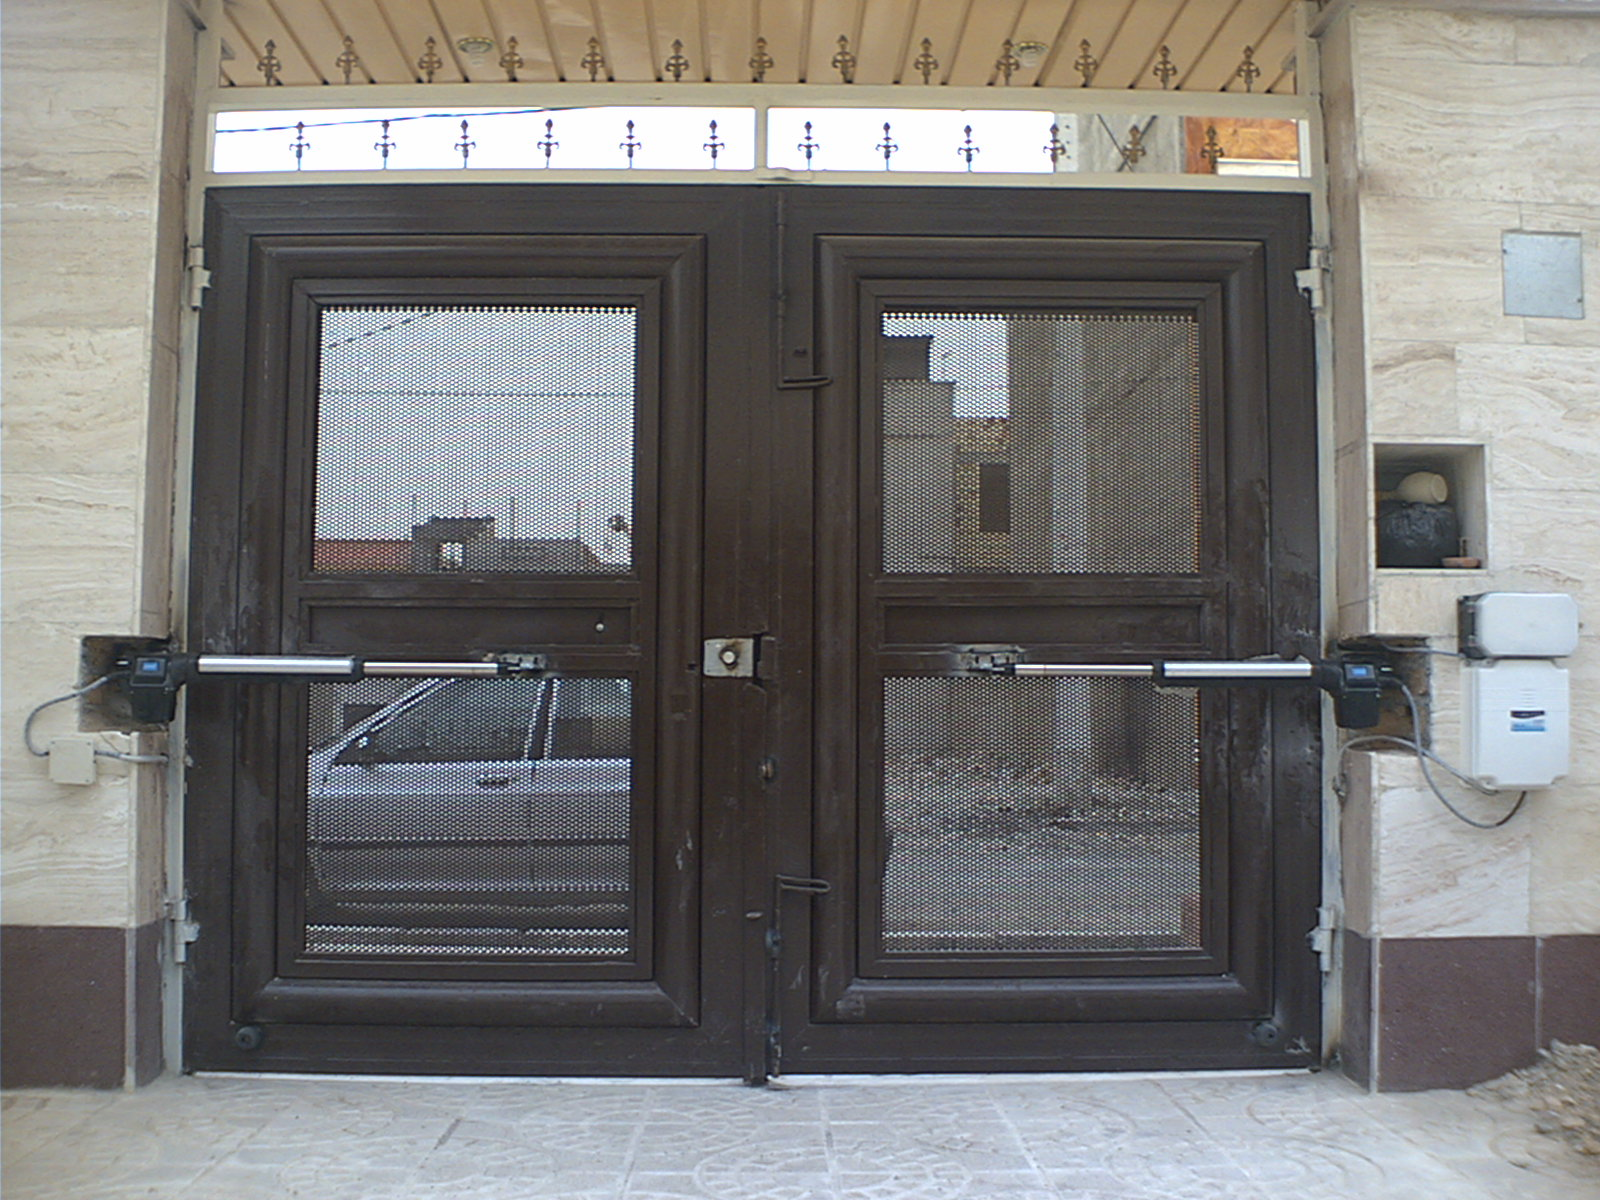 درب اتوماتیک جک پارکینگی (فروش ،نصب،تعمیرات باضمانت )